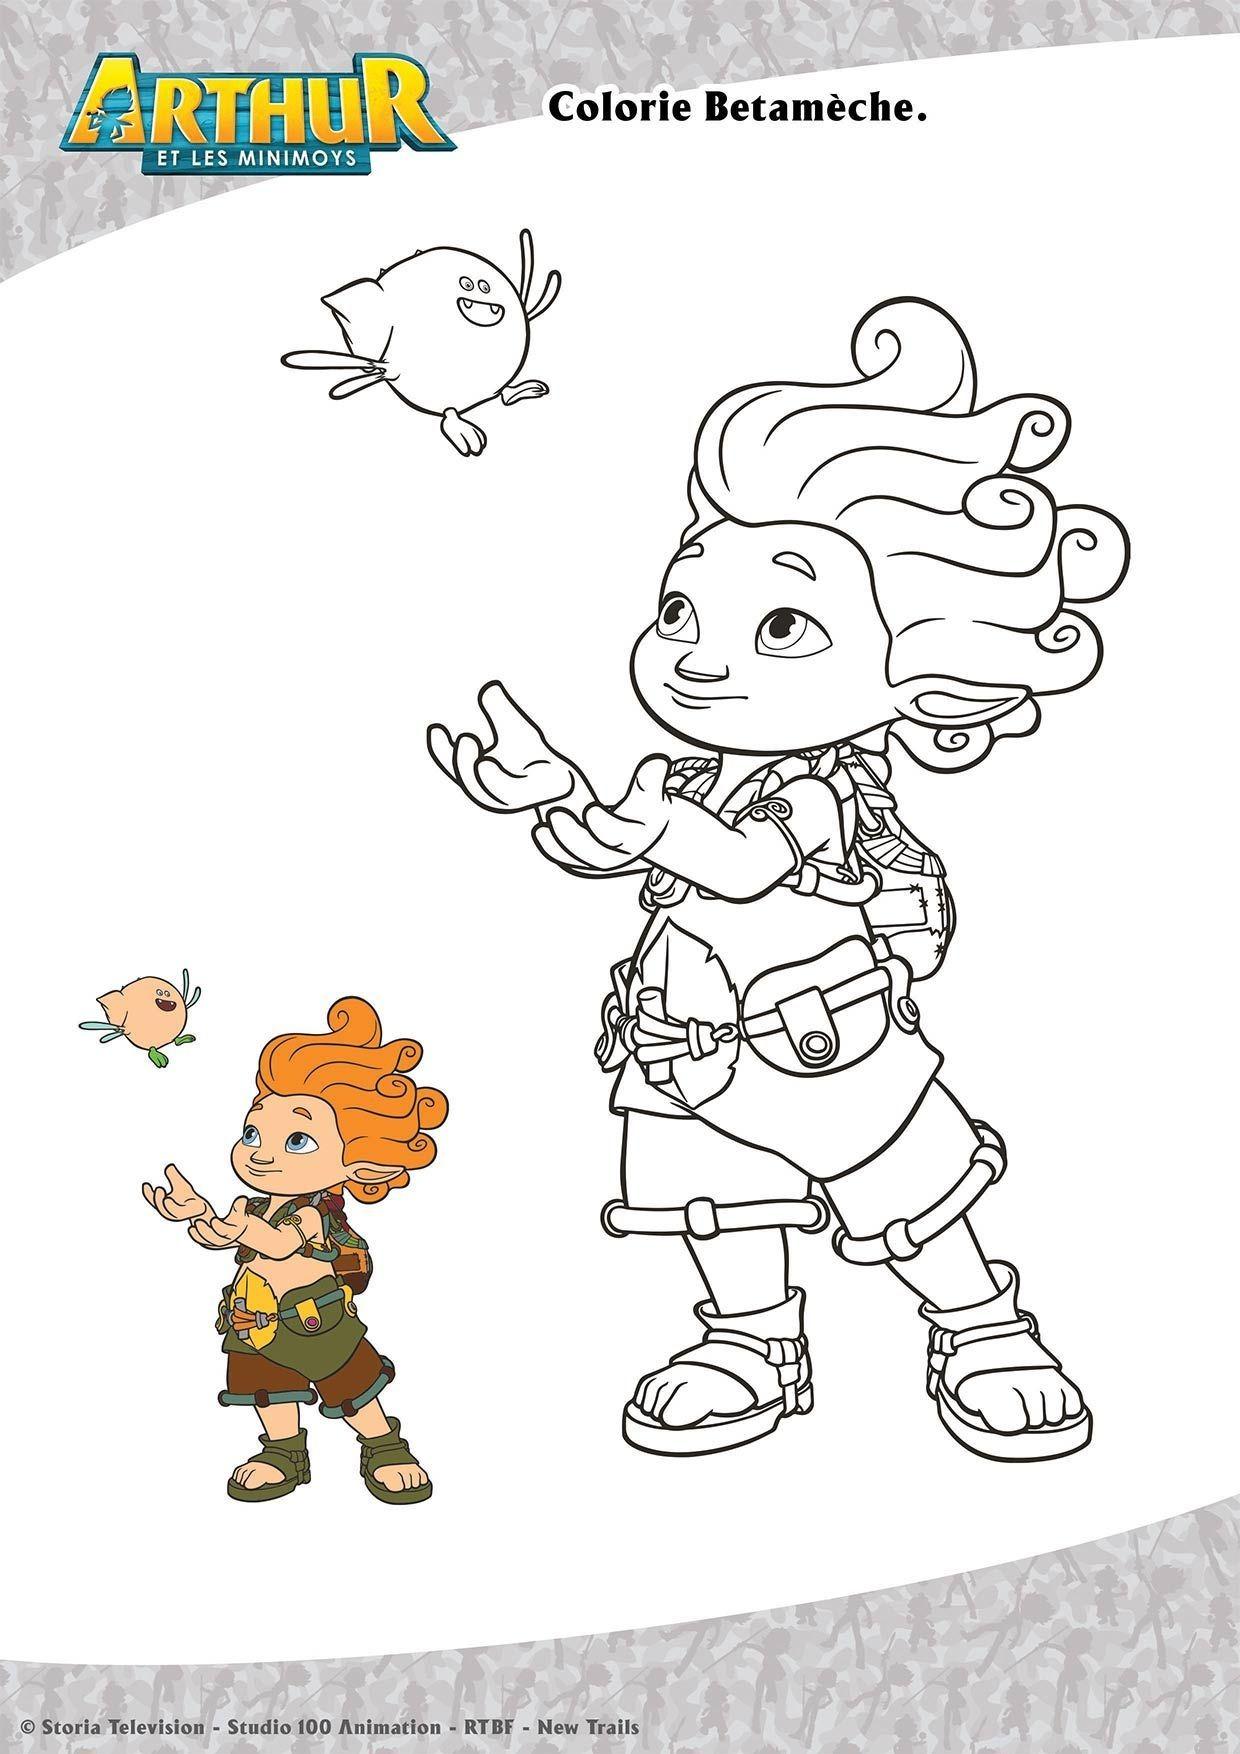 Coloriage Betameche Coloriage Arthur Et Les Minimoys Coloriages Dessins Animes